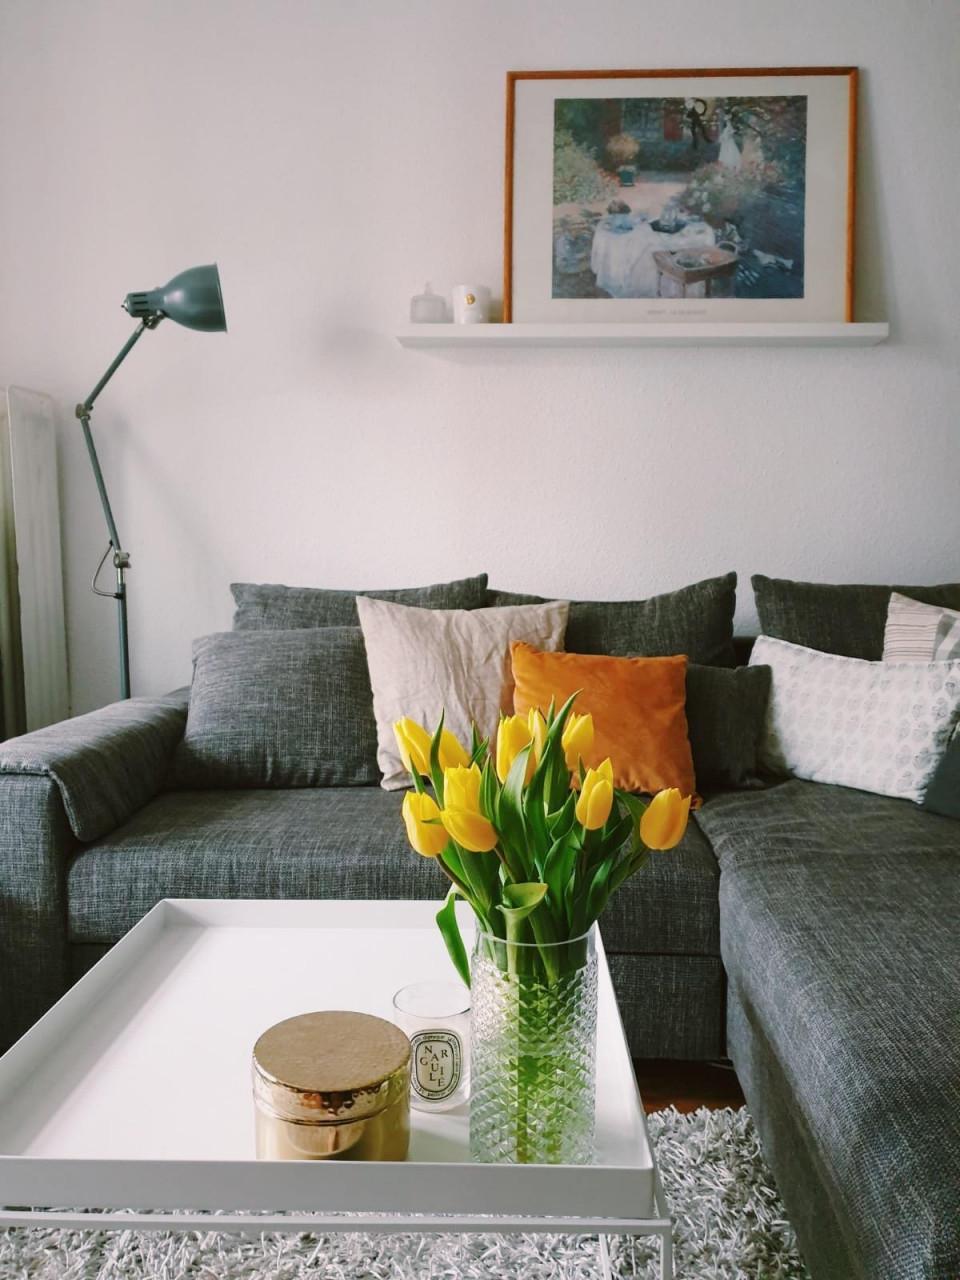 Farben Im Wohnzimmer So Wird's Gemütlich von Wandfarben Ideen Wohnzimmer Bild